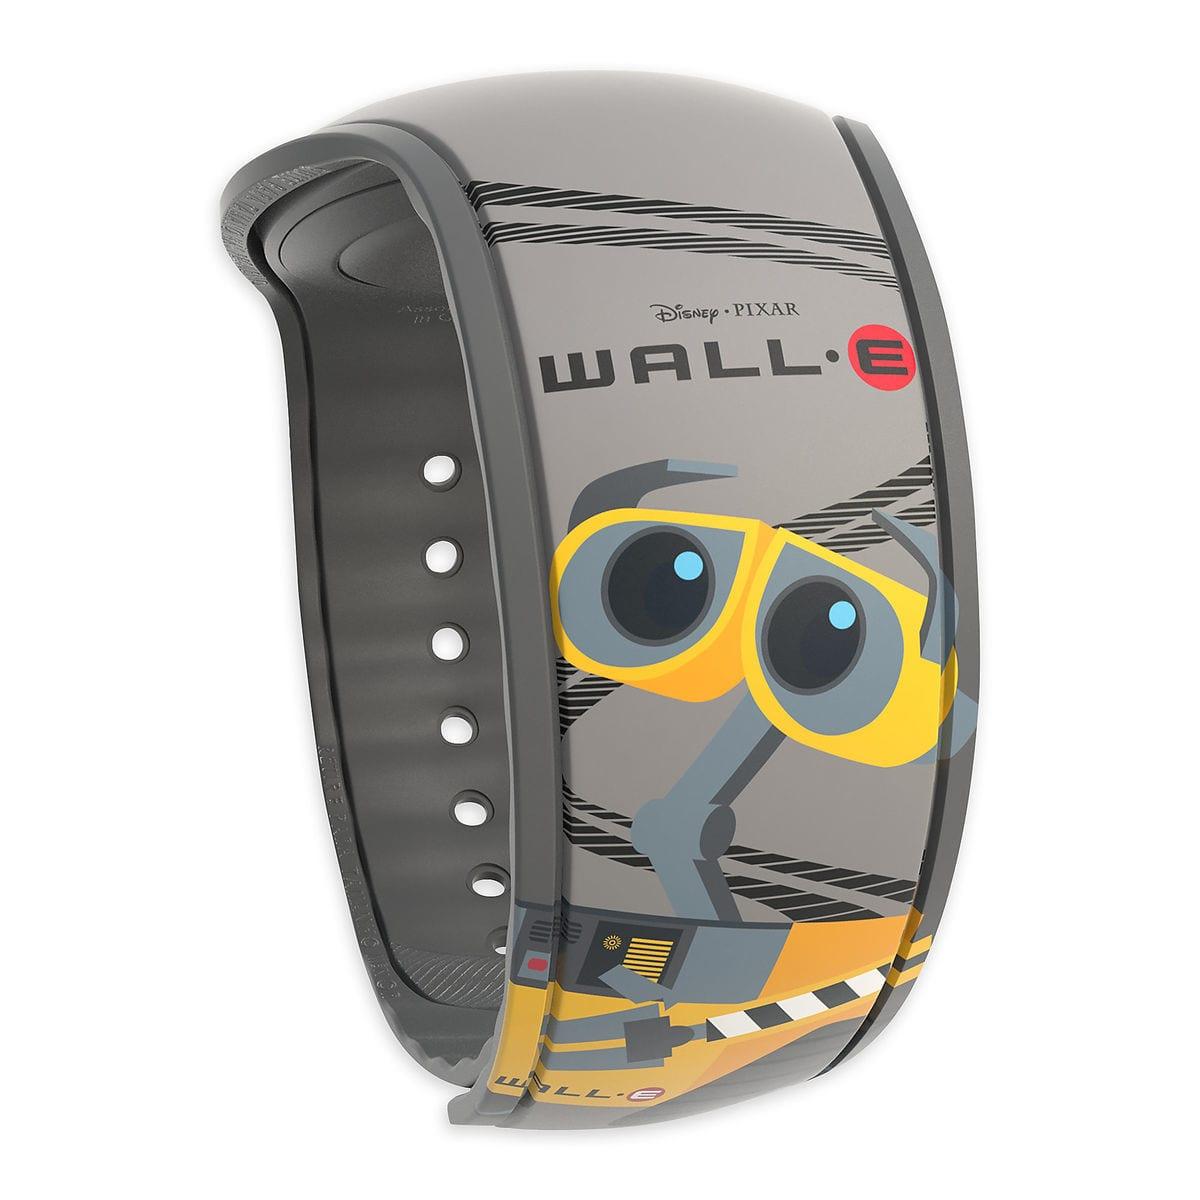 wall-e watch online full hd